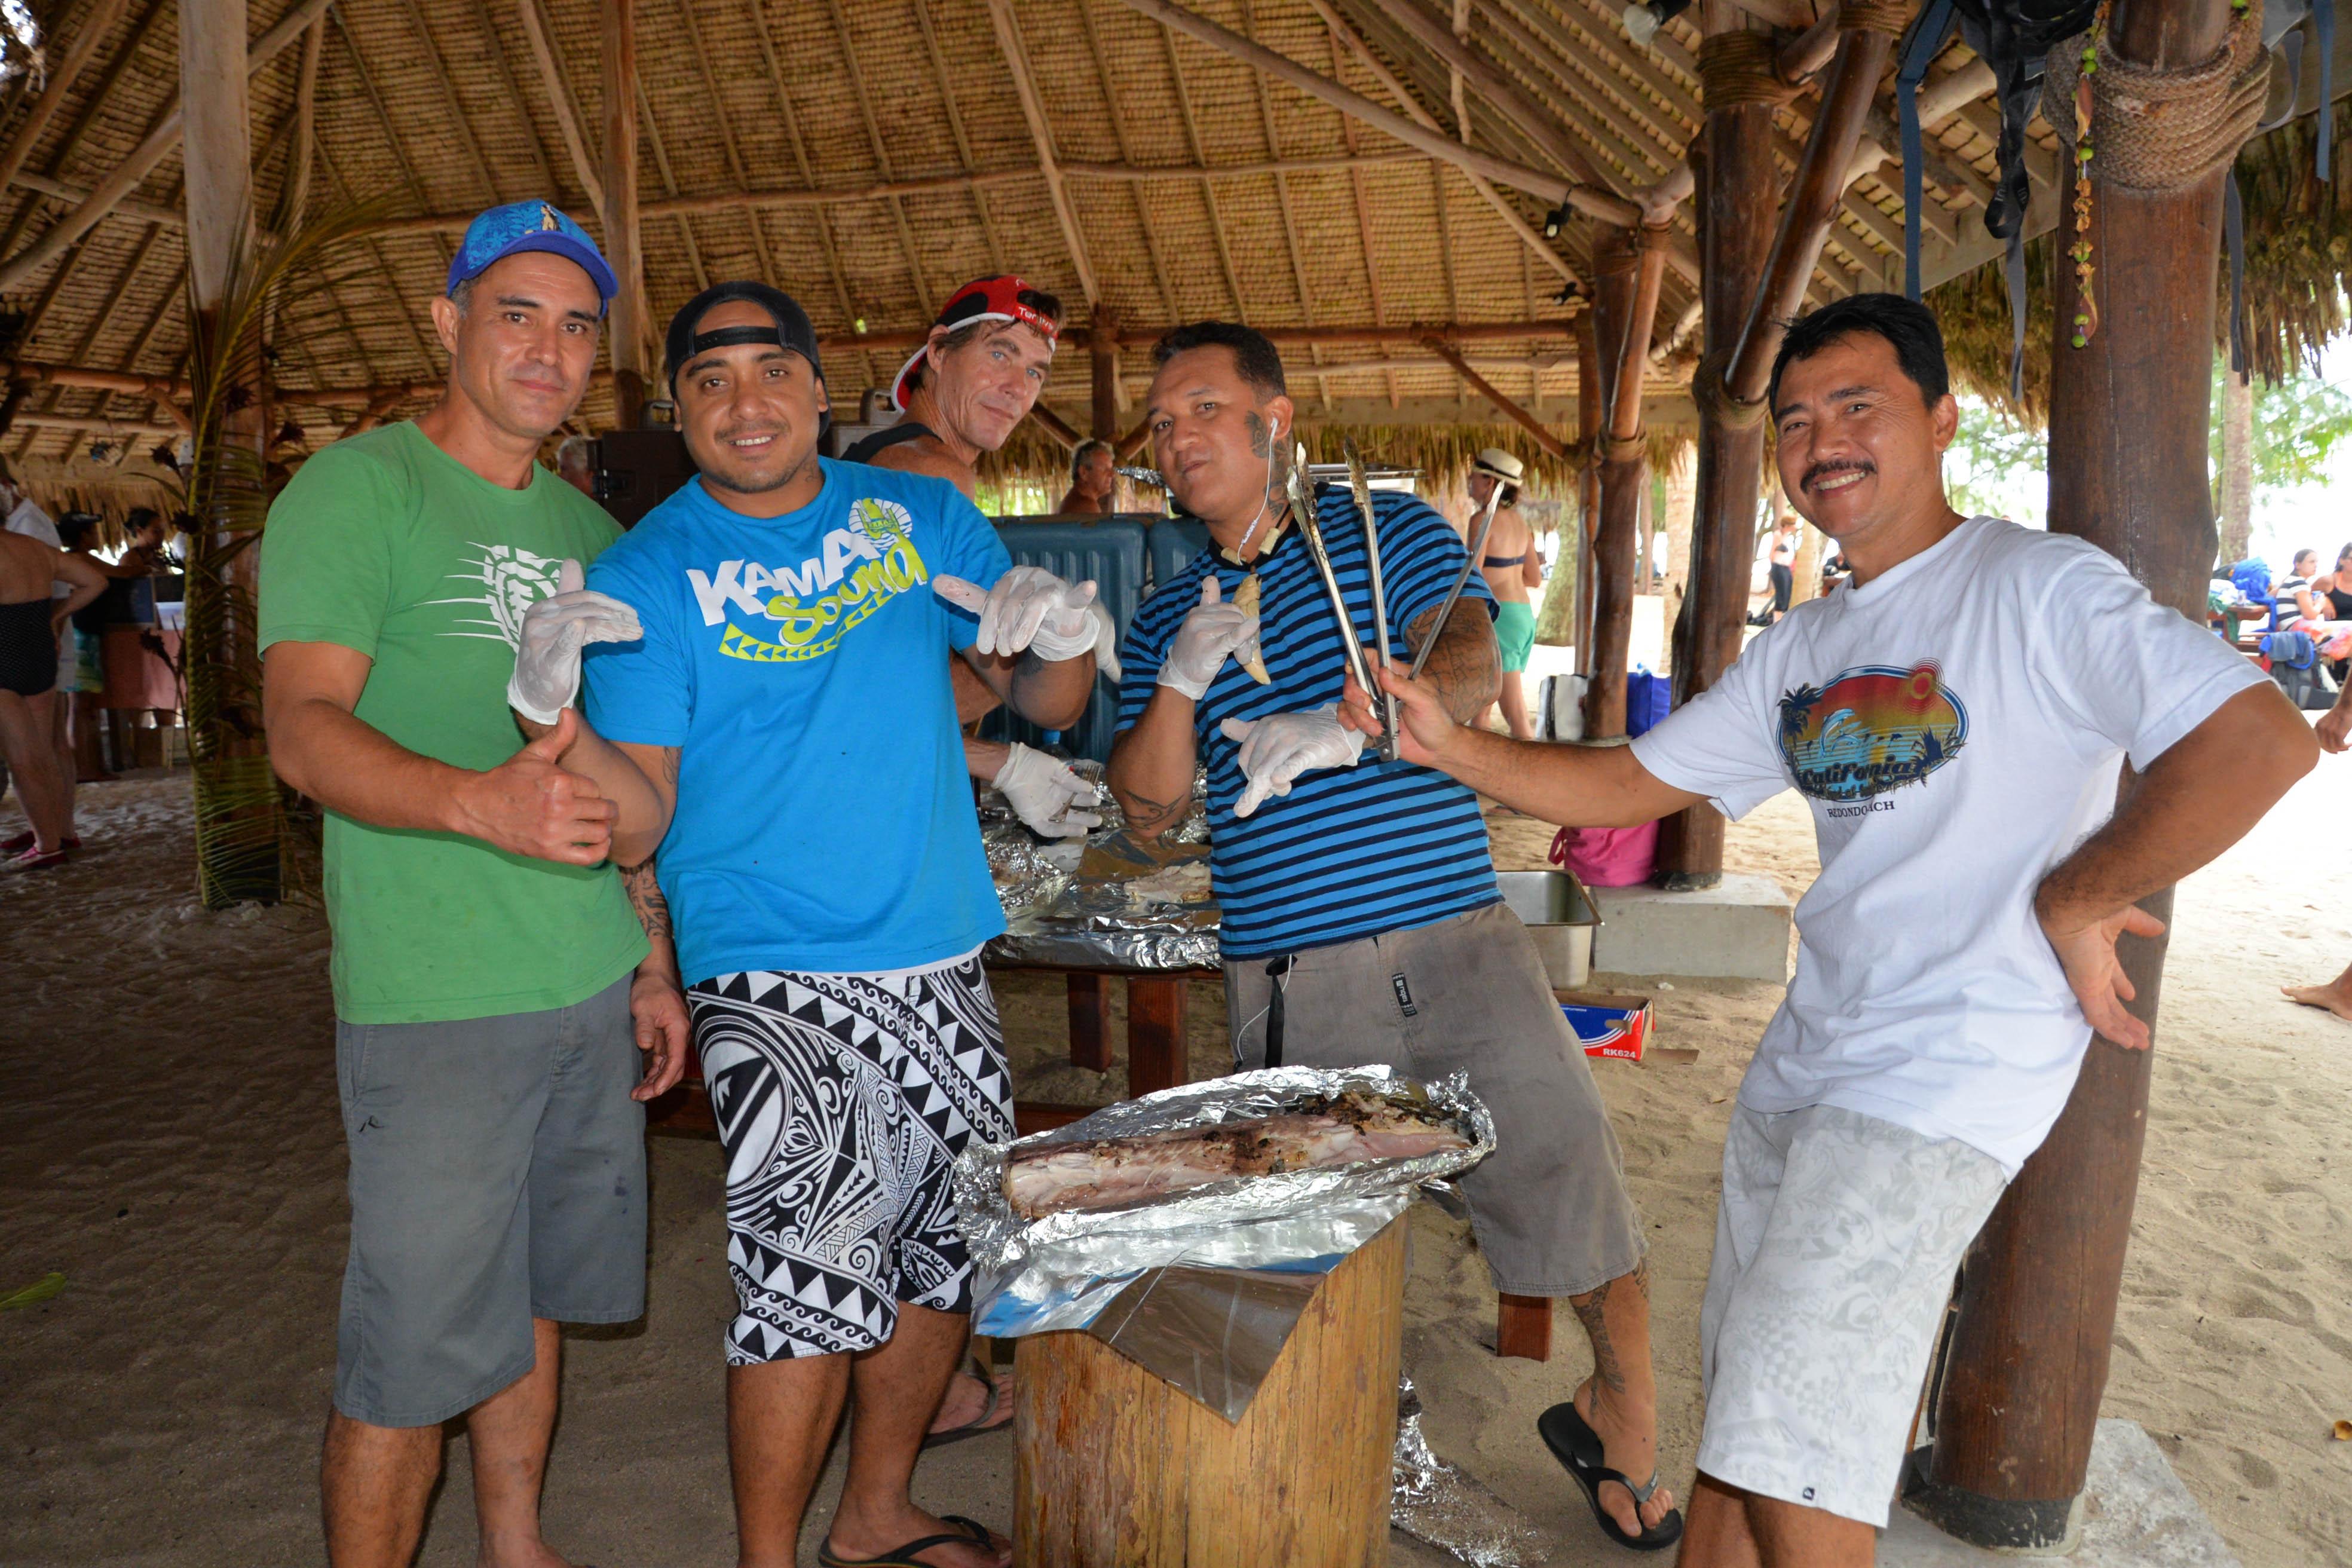 Mahi Mahi grillé par les cuisiniers de l'Aranui 5